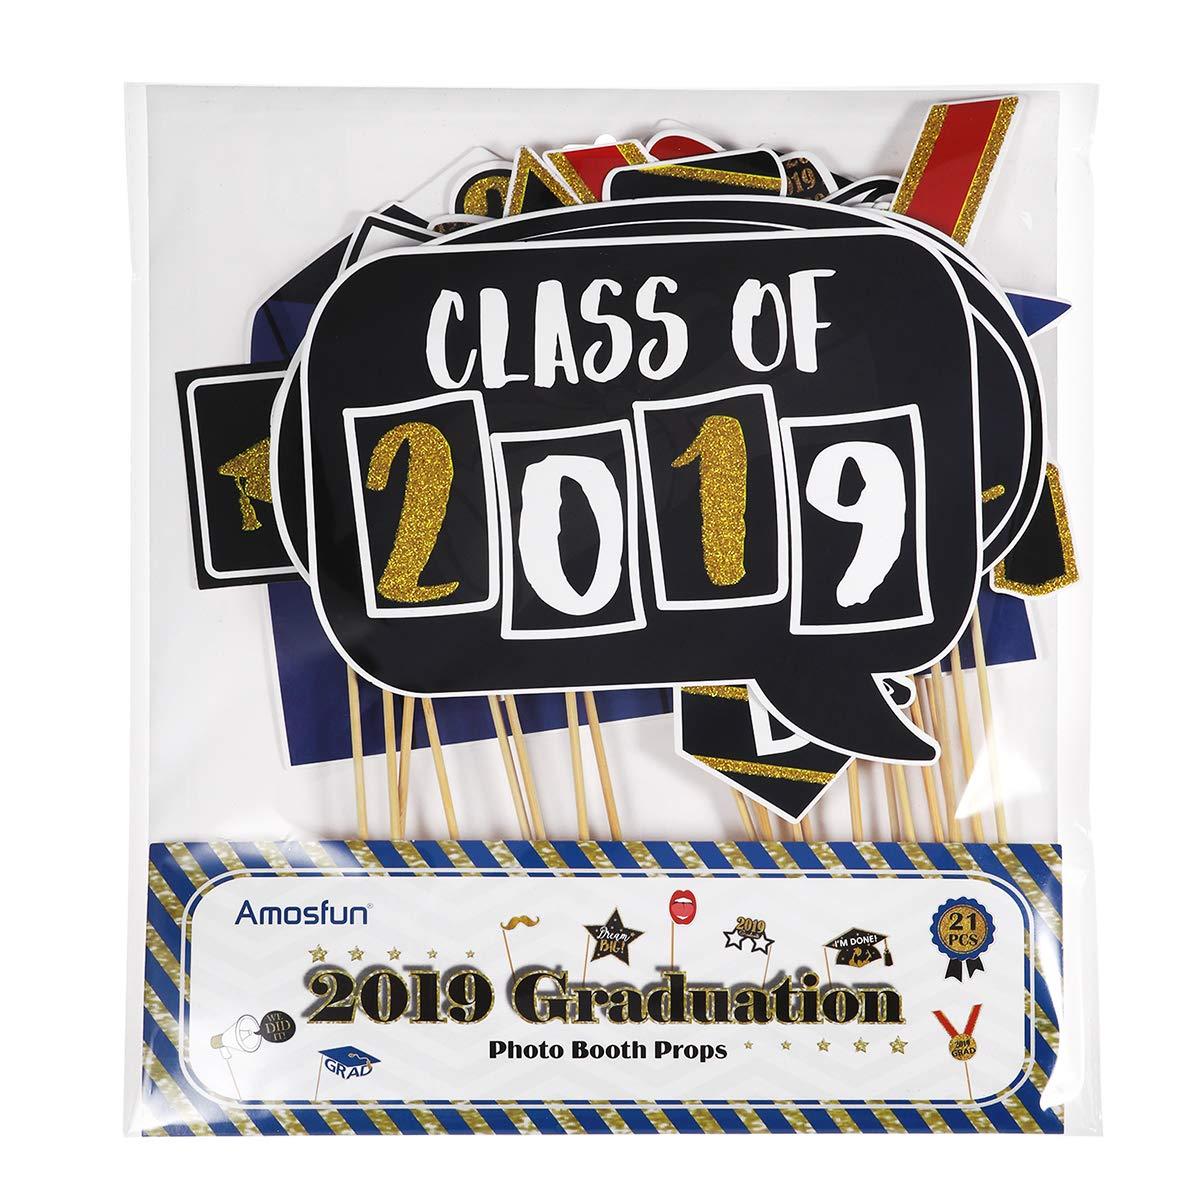 Juego de Accesorios para Fiestas de graduaci/ón Amosfun 2019 Graduation Photo Booth Props 21 Piezas